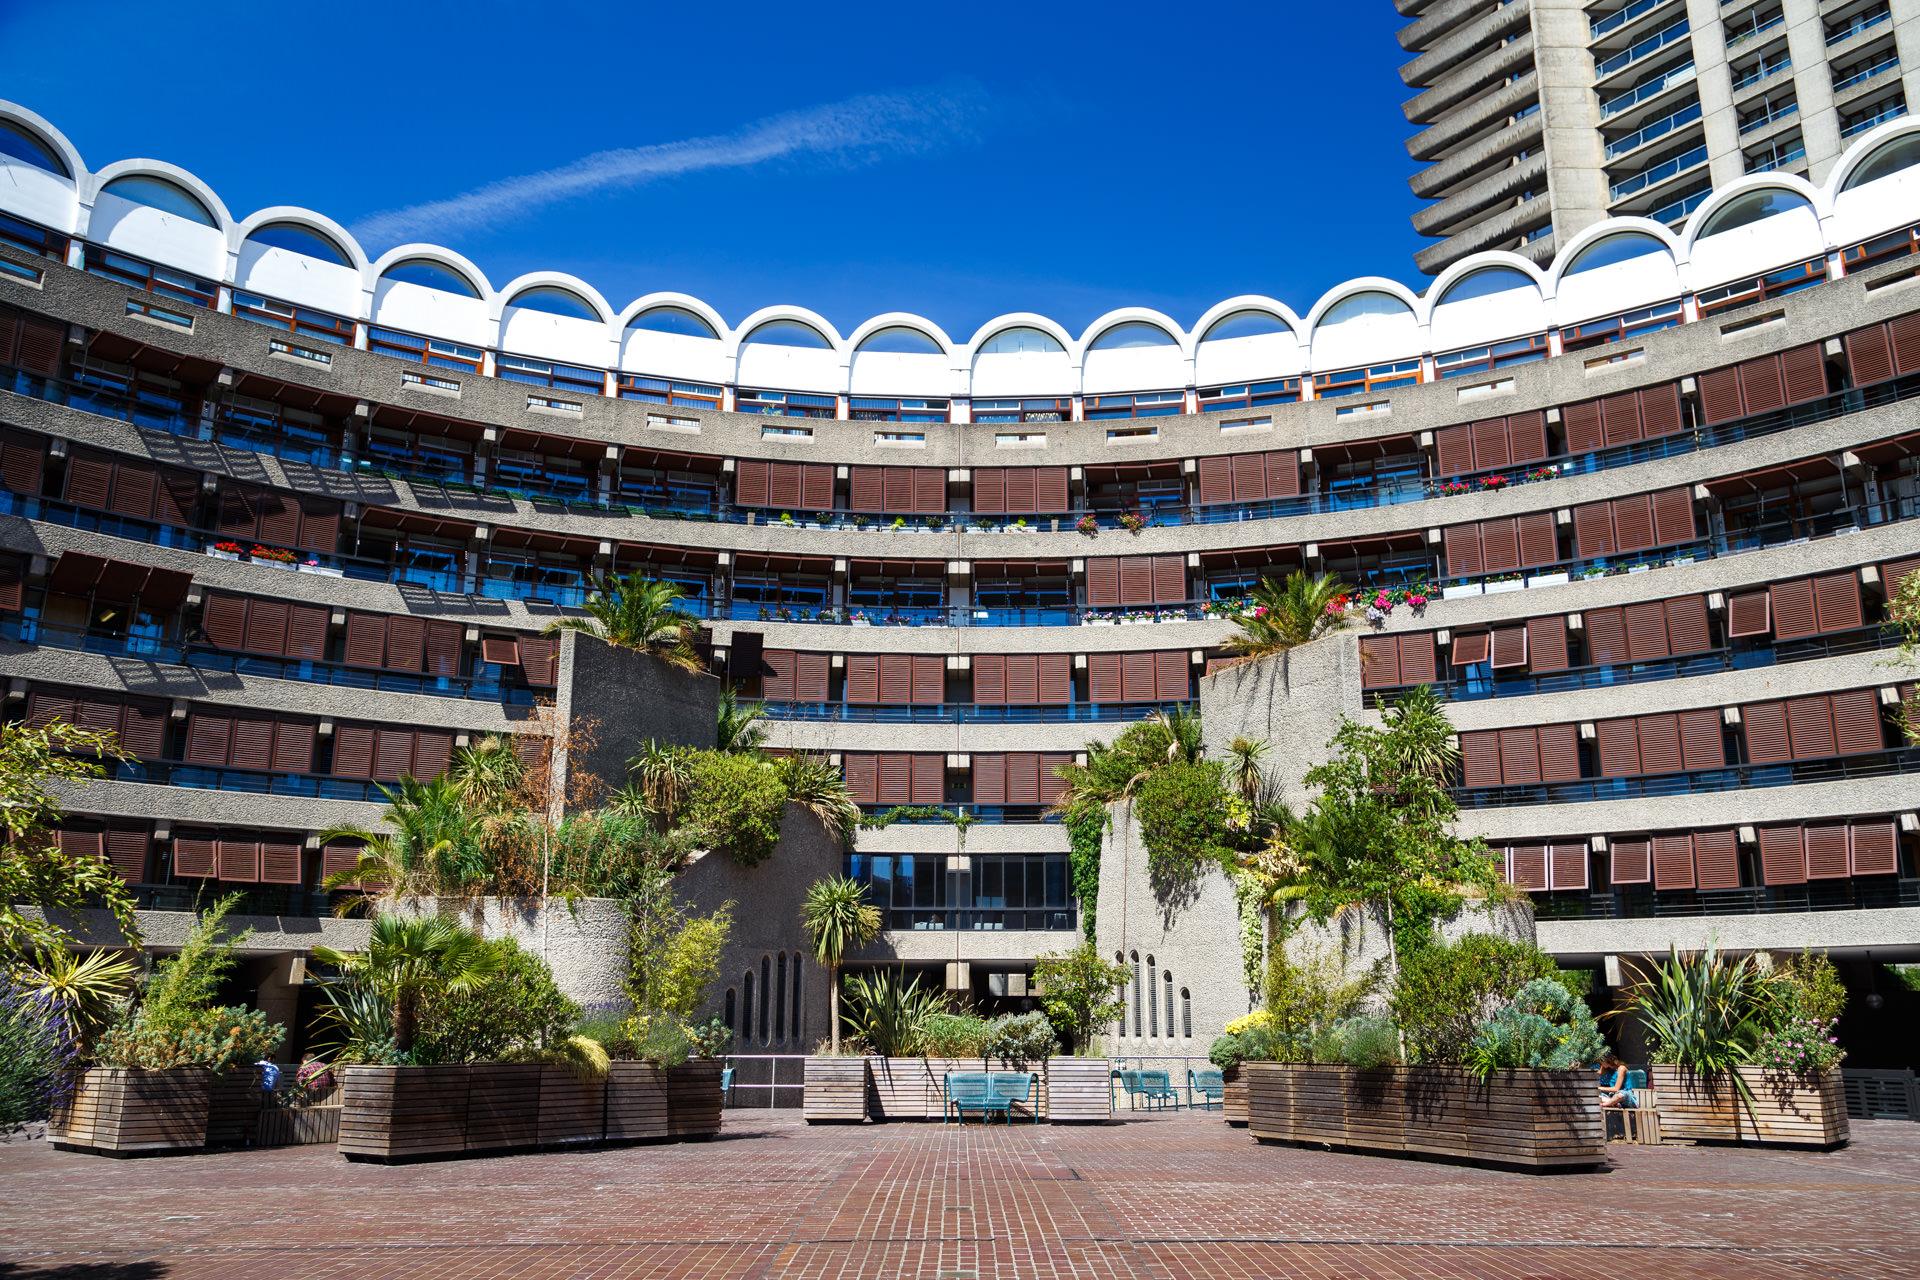 The concrete jungle of the Barbican Estate.